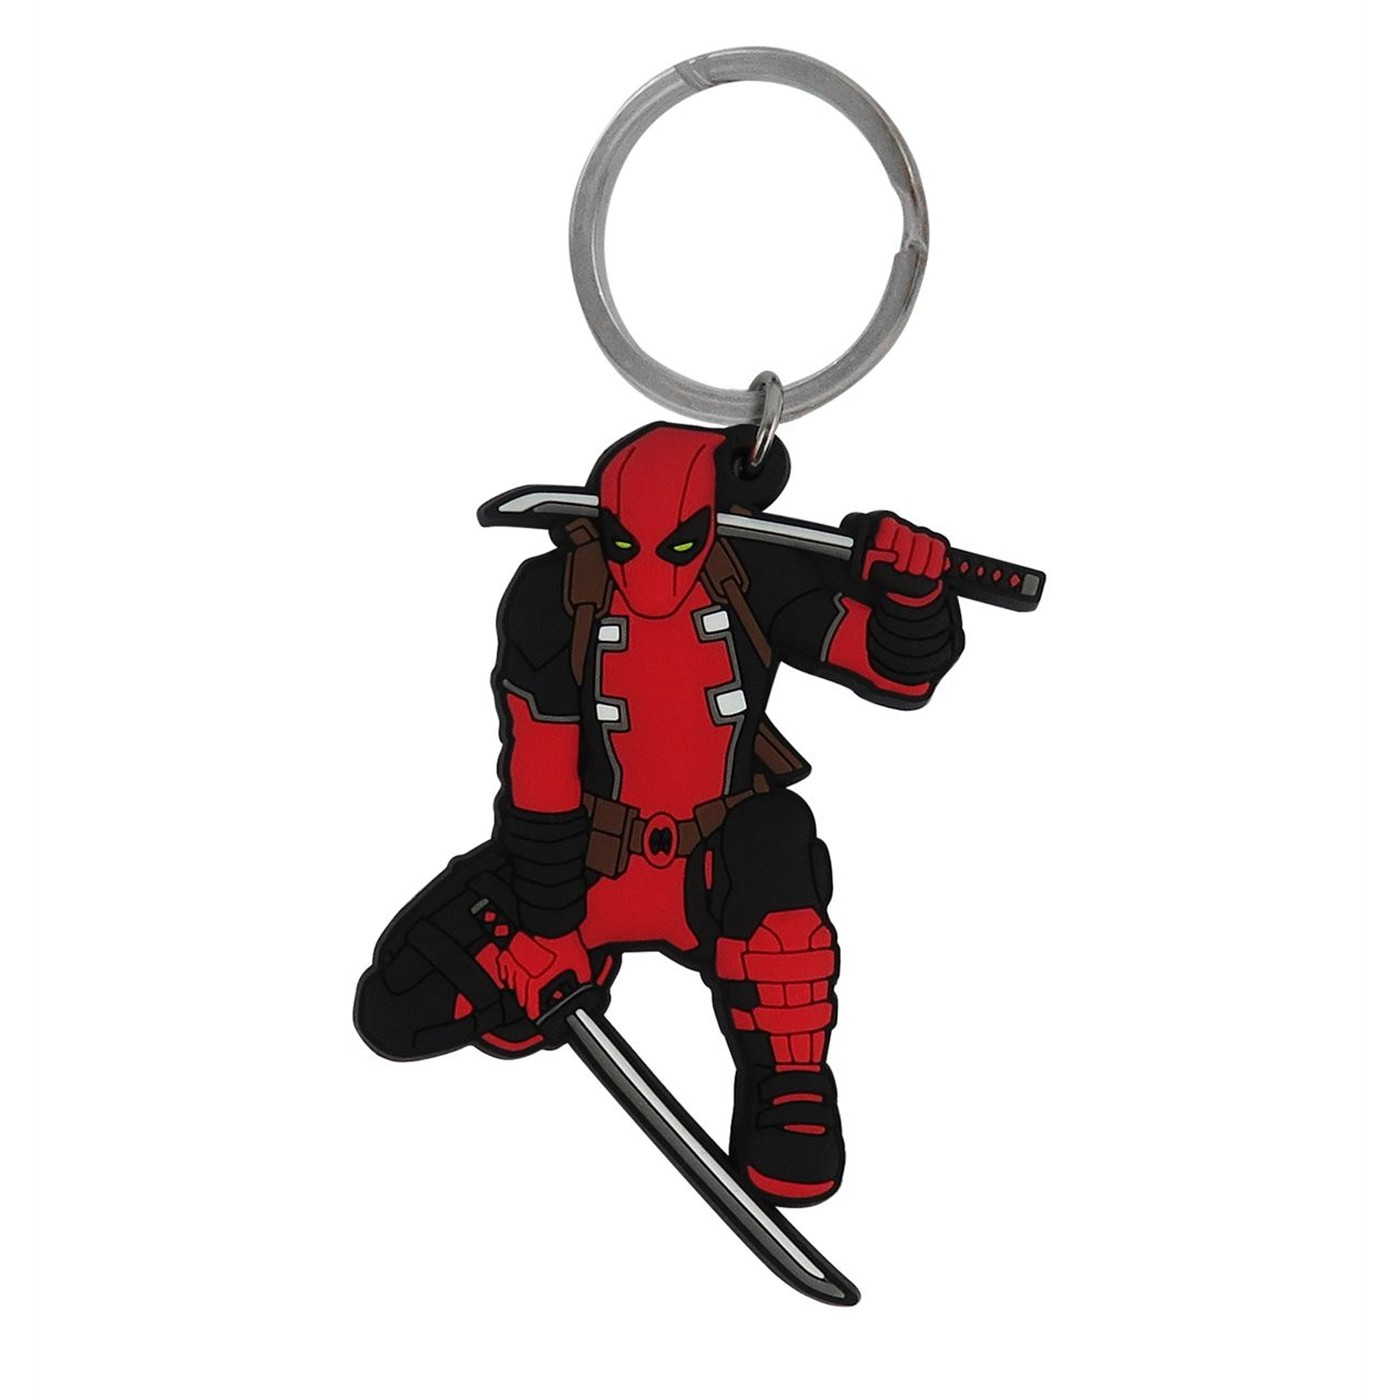 Deadpool Action Soft PVC Keychain